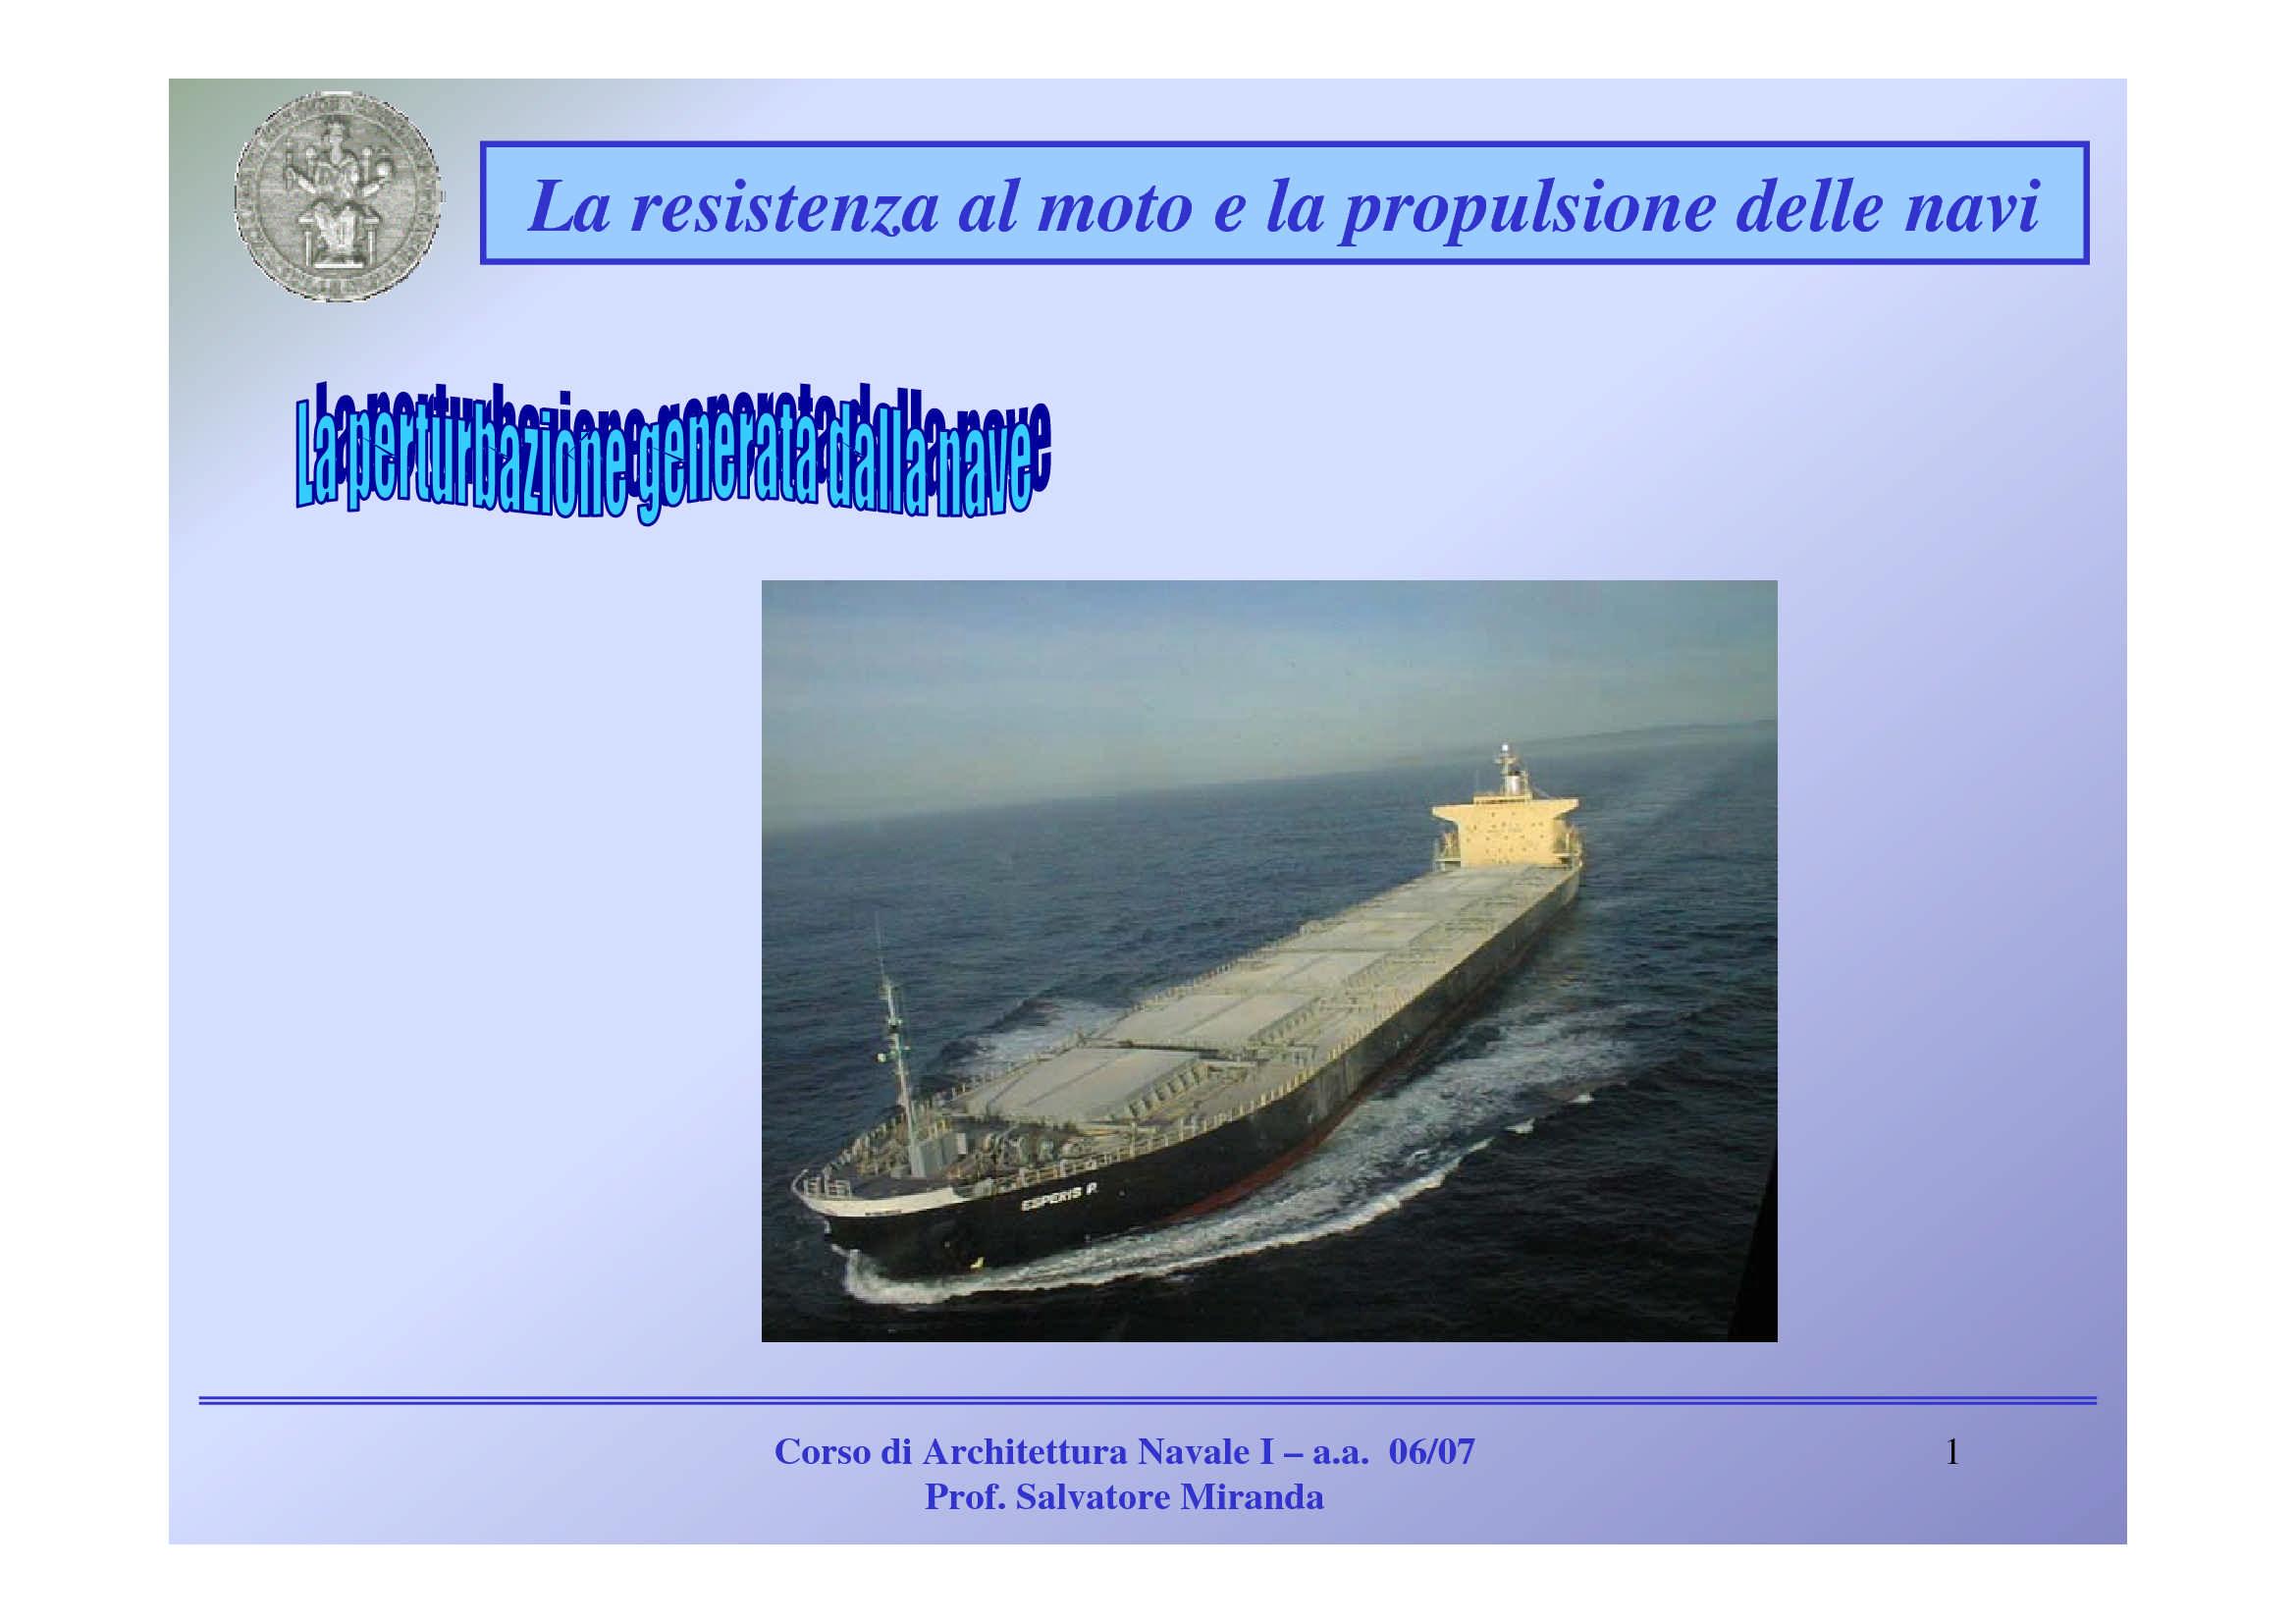 Resistenza al moto e propulsione delle navi